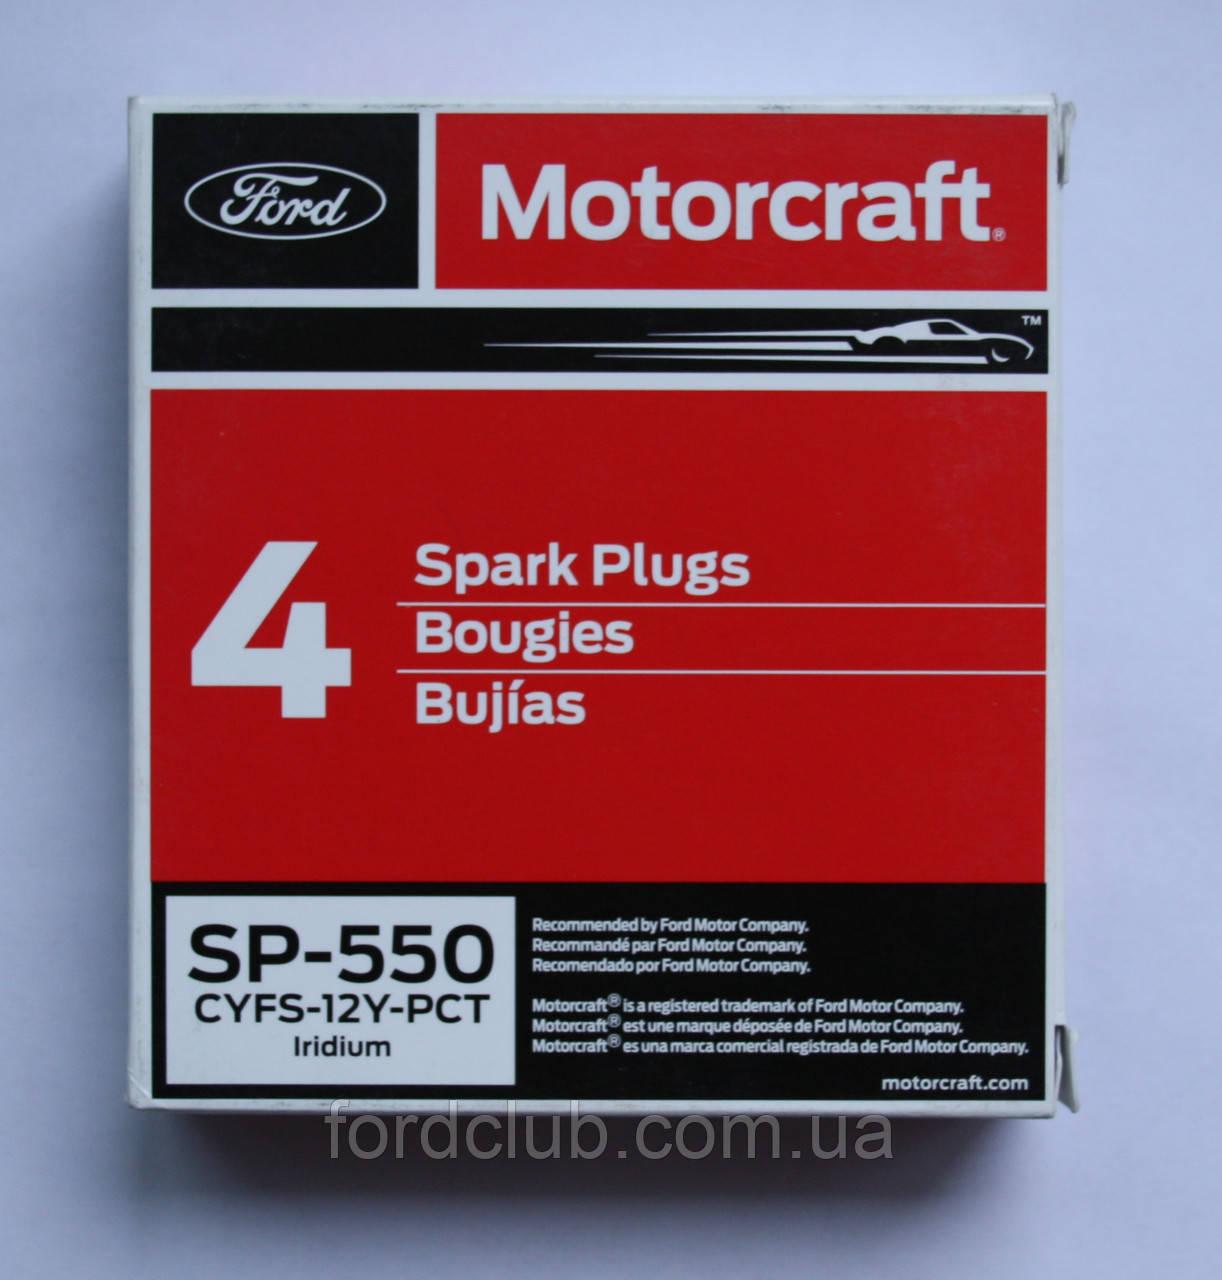 Свечи Ford Edge USA 2.0; Motorcraft SP-550